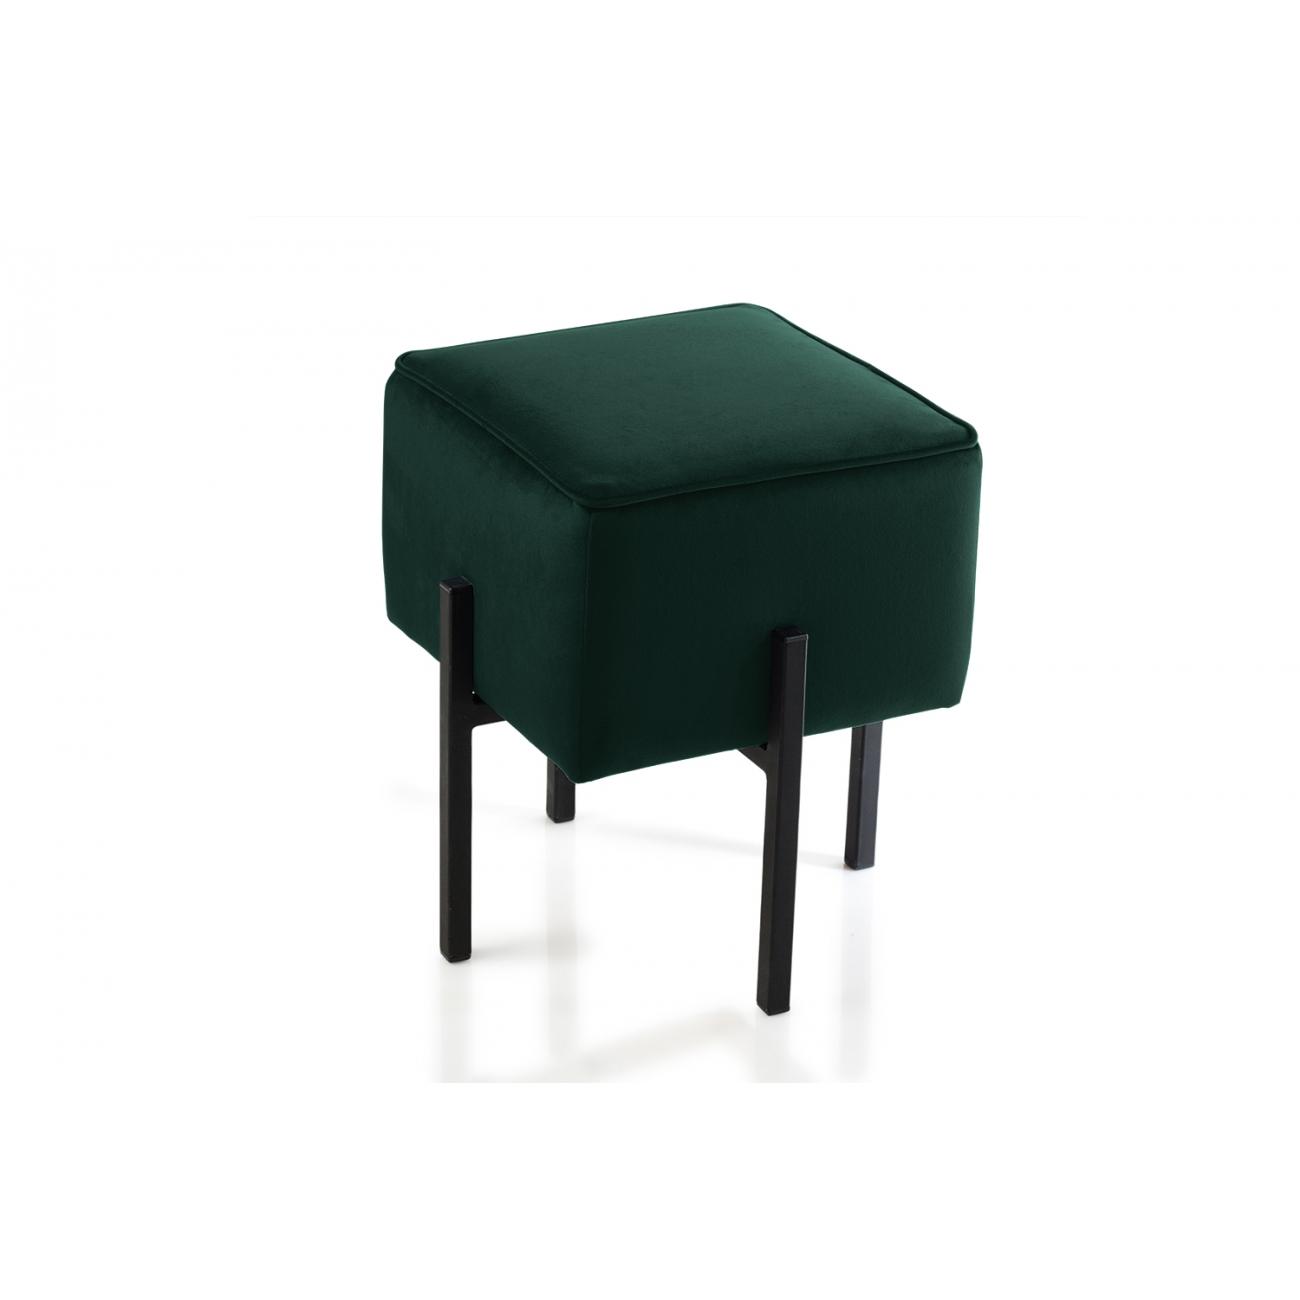 Пуф J-LINE зеленый на металлических ножках